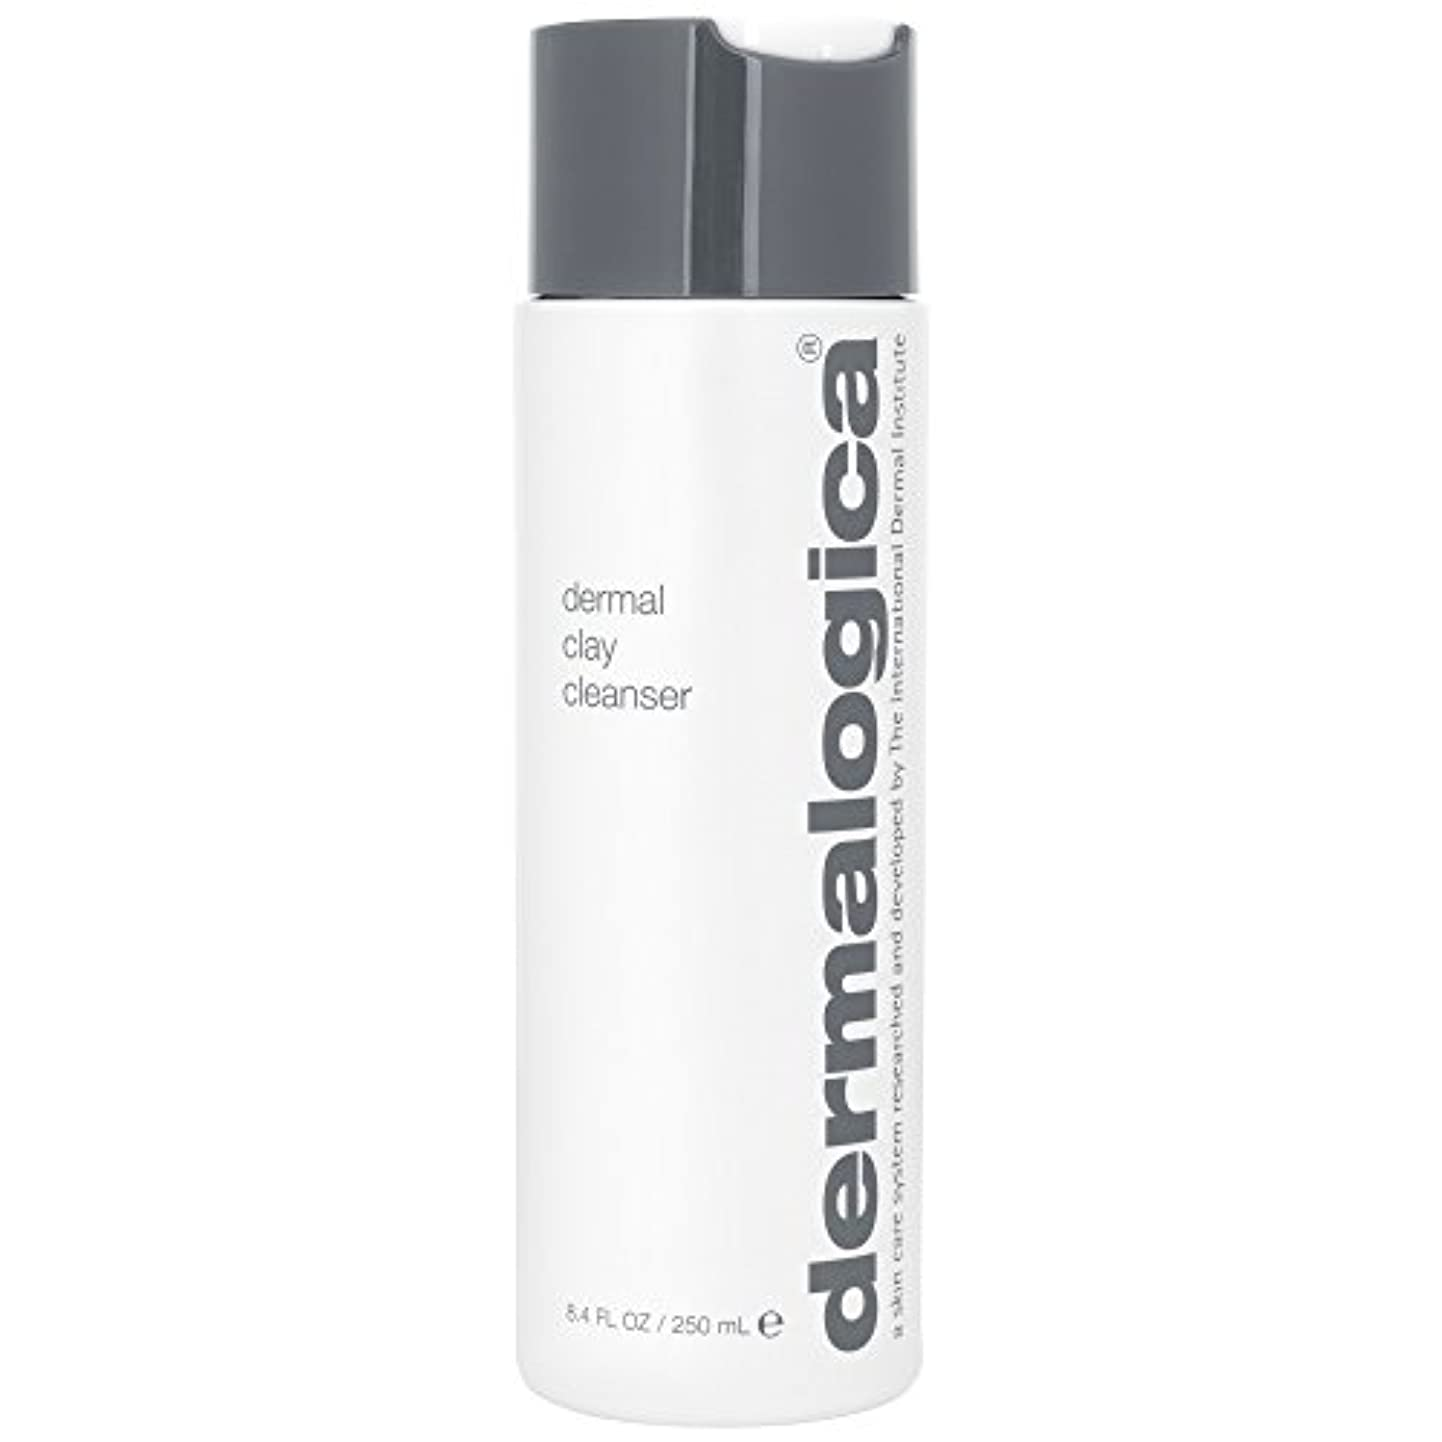 排除するインタフェースブランクダーマロジカ真皮クレイクレンザー250ミリリットル (Dermalogica) (x6) - Dermalogica Dermal Clay Cleanser 250ml (Pack of 6) [並行輸入品]